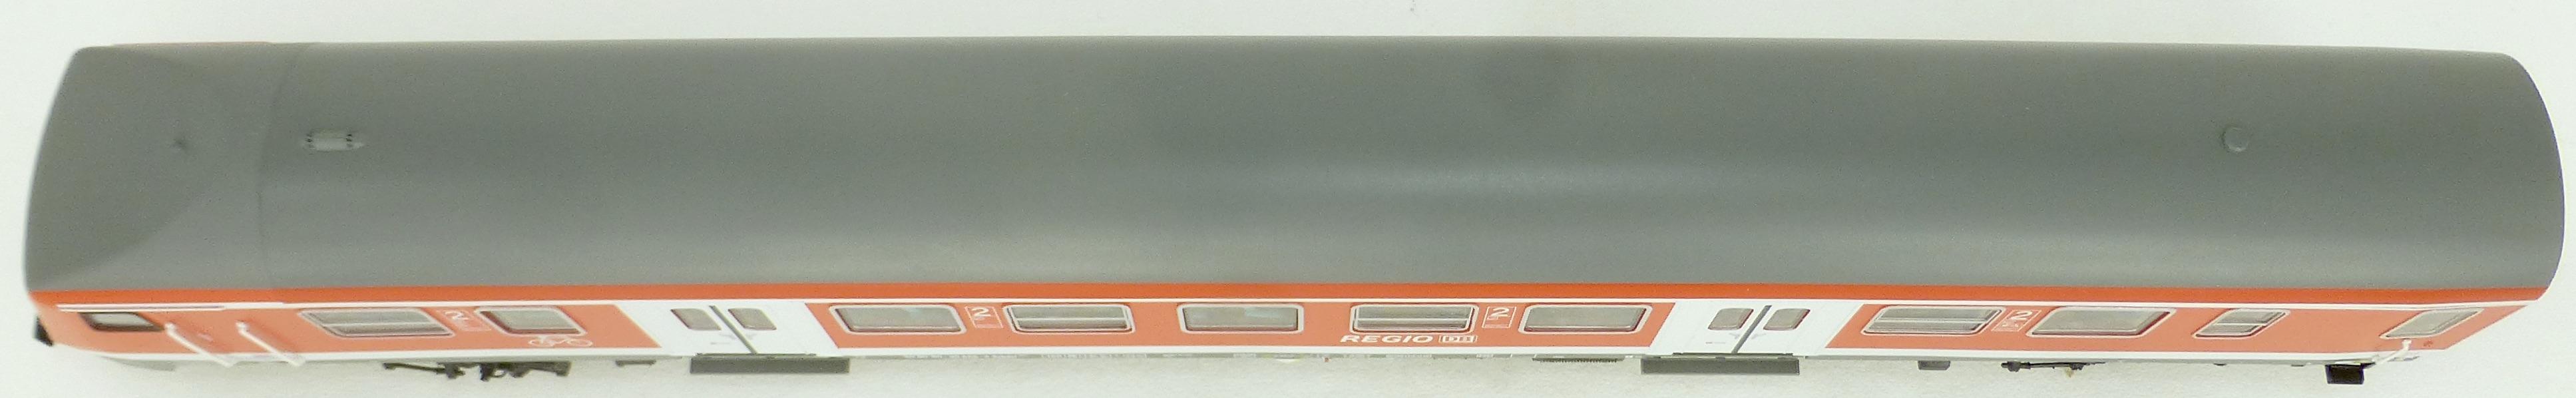 Kl Bybdzf 482.1 DBAG EP6 Roco 64208 H0 1:87 HD2 å Nahverkehrs Steuerwagen 2